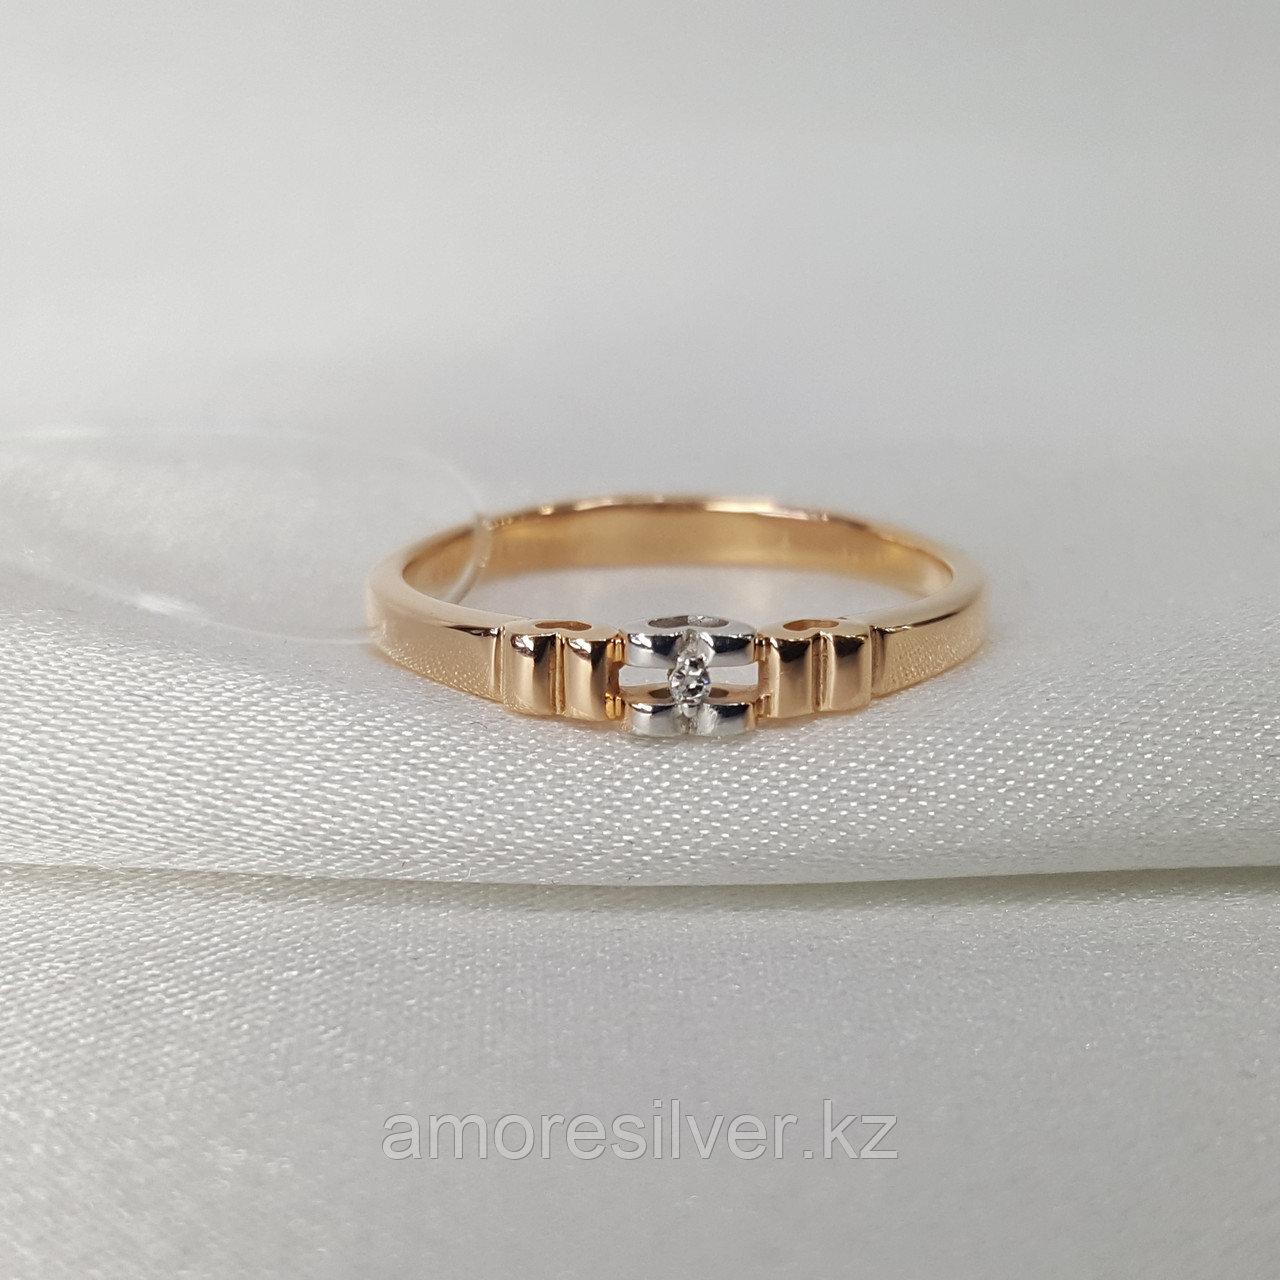 Серьги AQUAMARIN серебро с позолотой, бриллиант 060128.6 размеры - 17